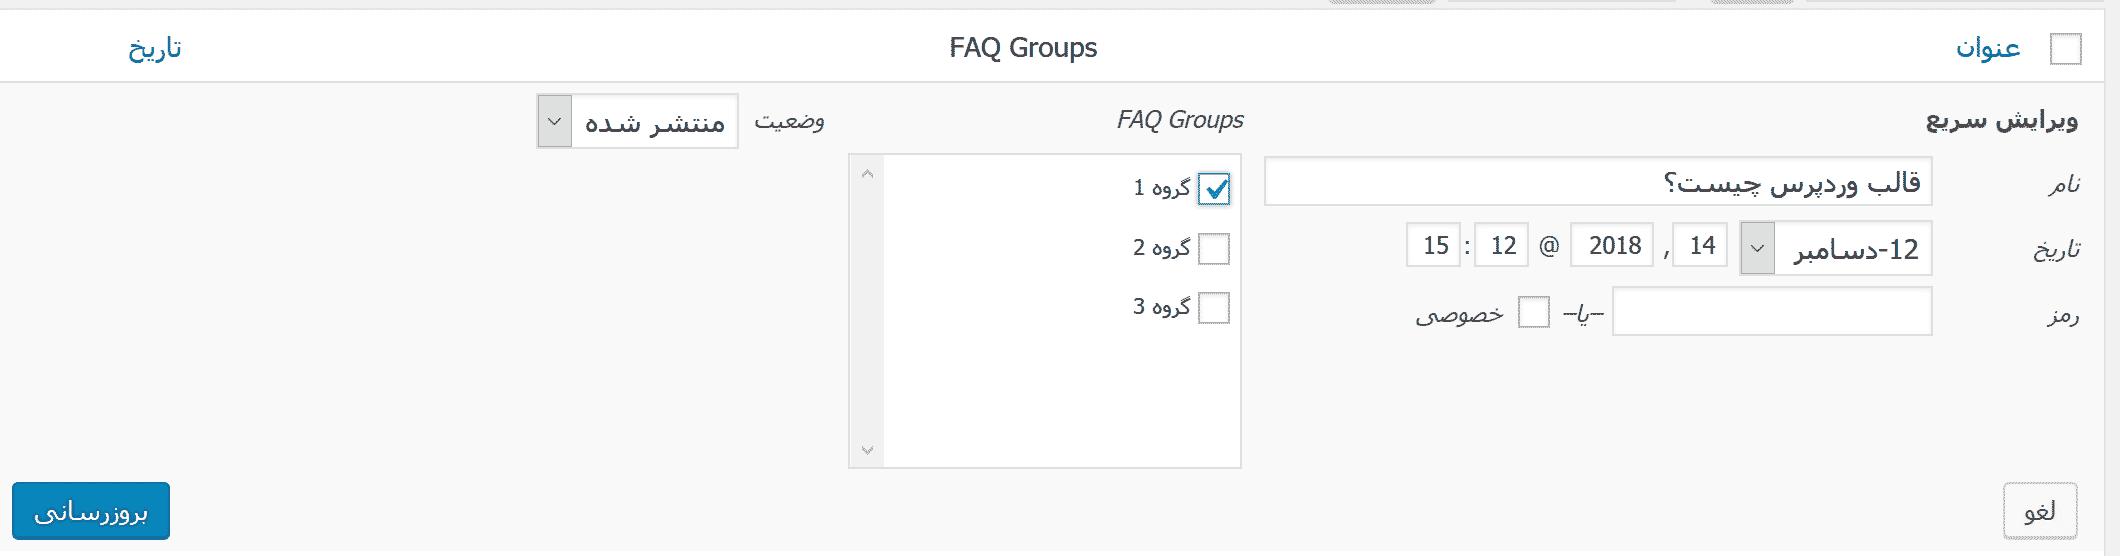 افزونه Quick and Easy FAQs